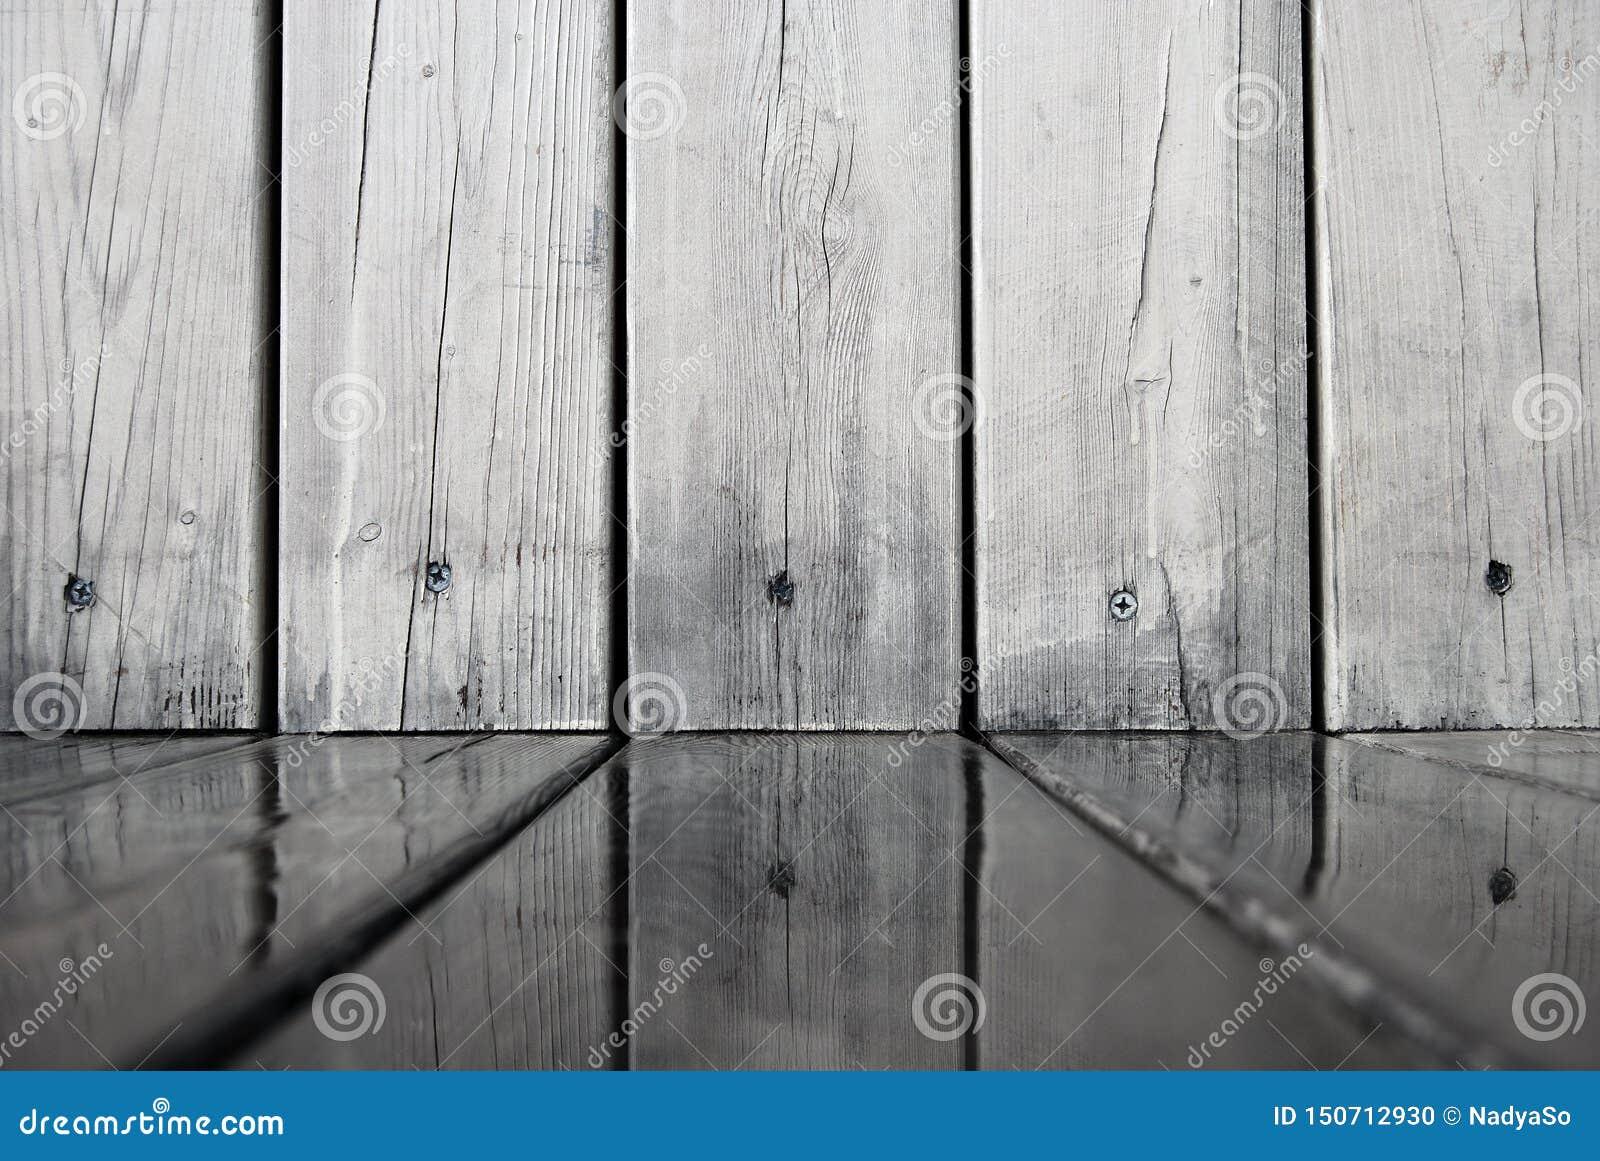 Ξύλινοι πίνακες τοίχου που απεικονίζονται στο νερό στο πάτωμα